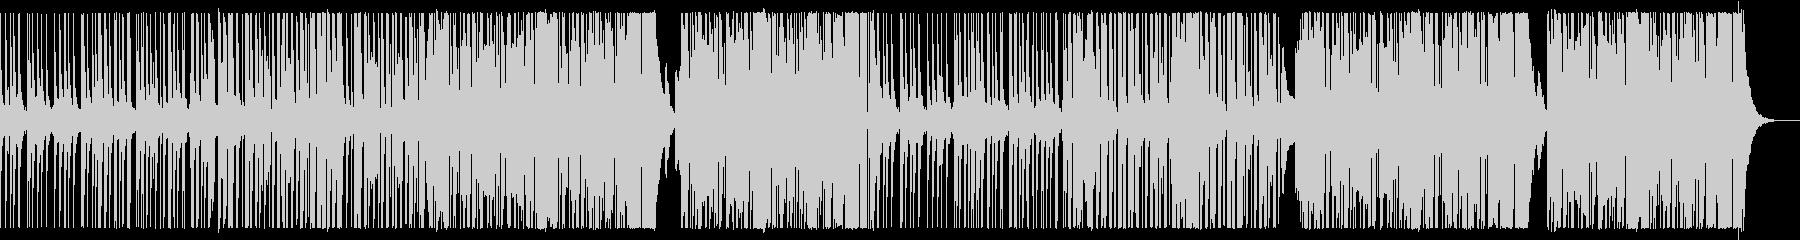 K-POP/チル&激しいダンスポップ展開の未再生の波形